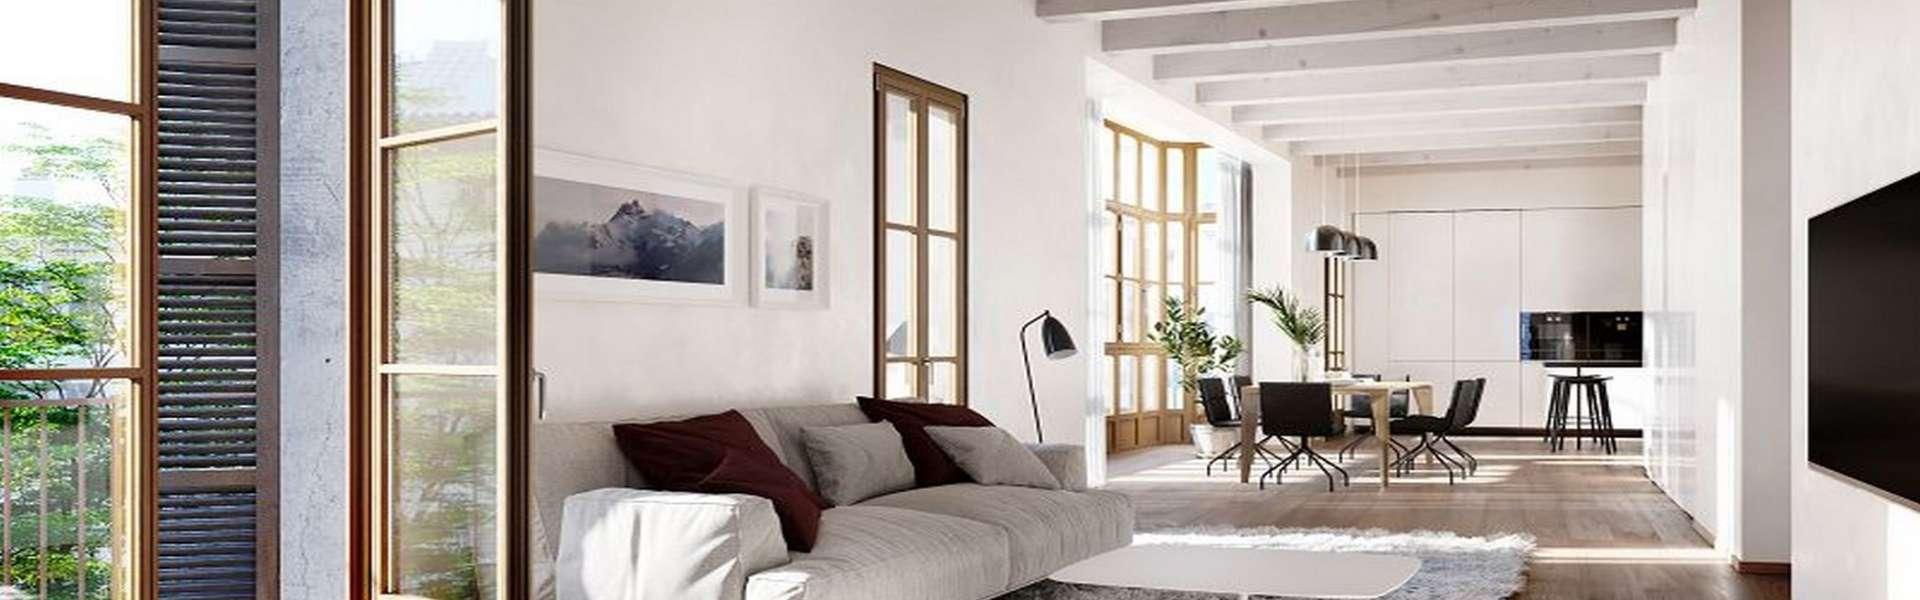 Palma/Altstadt - Luxus Duplex-Penthouse in der wunderschönen Altstadt Palmas